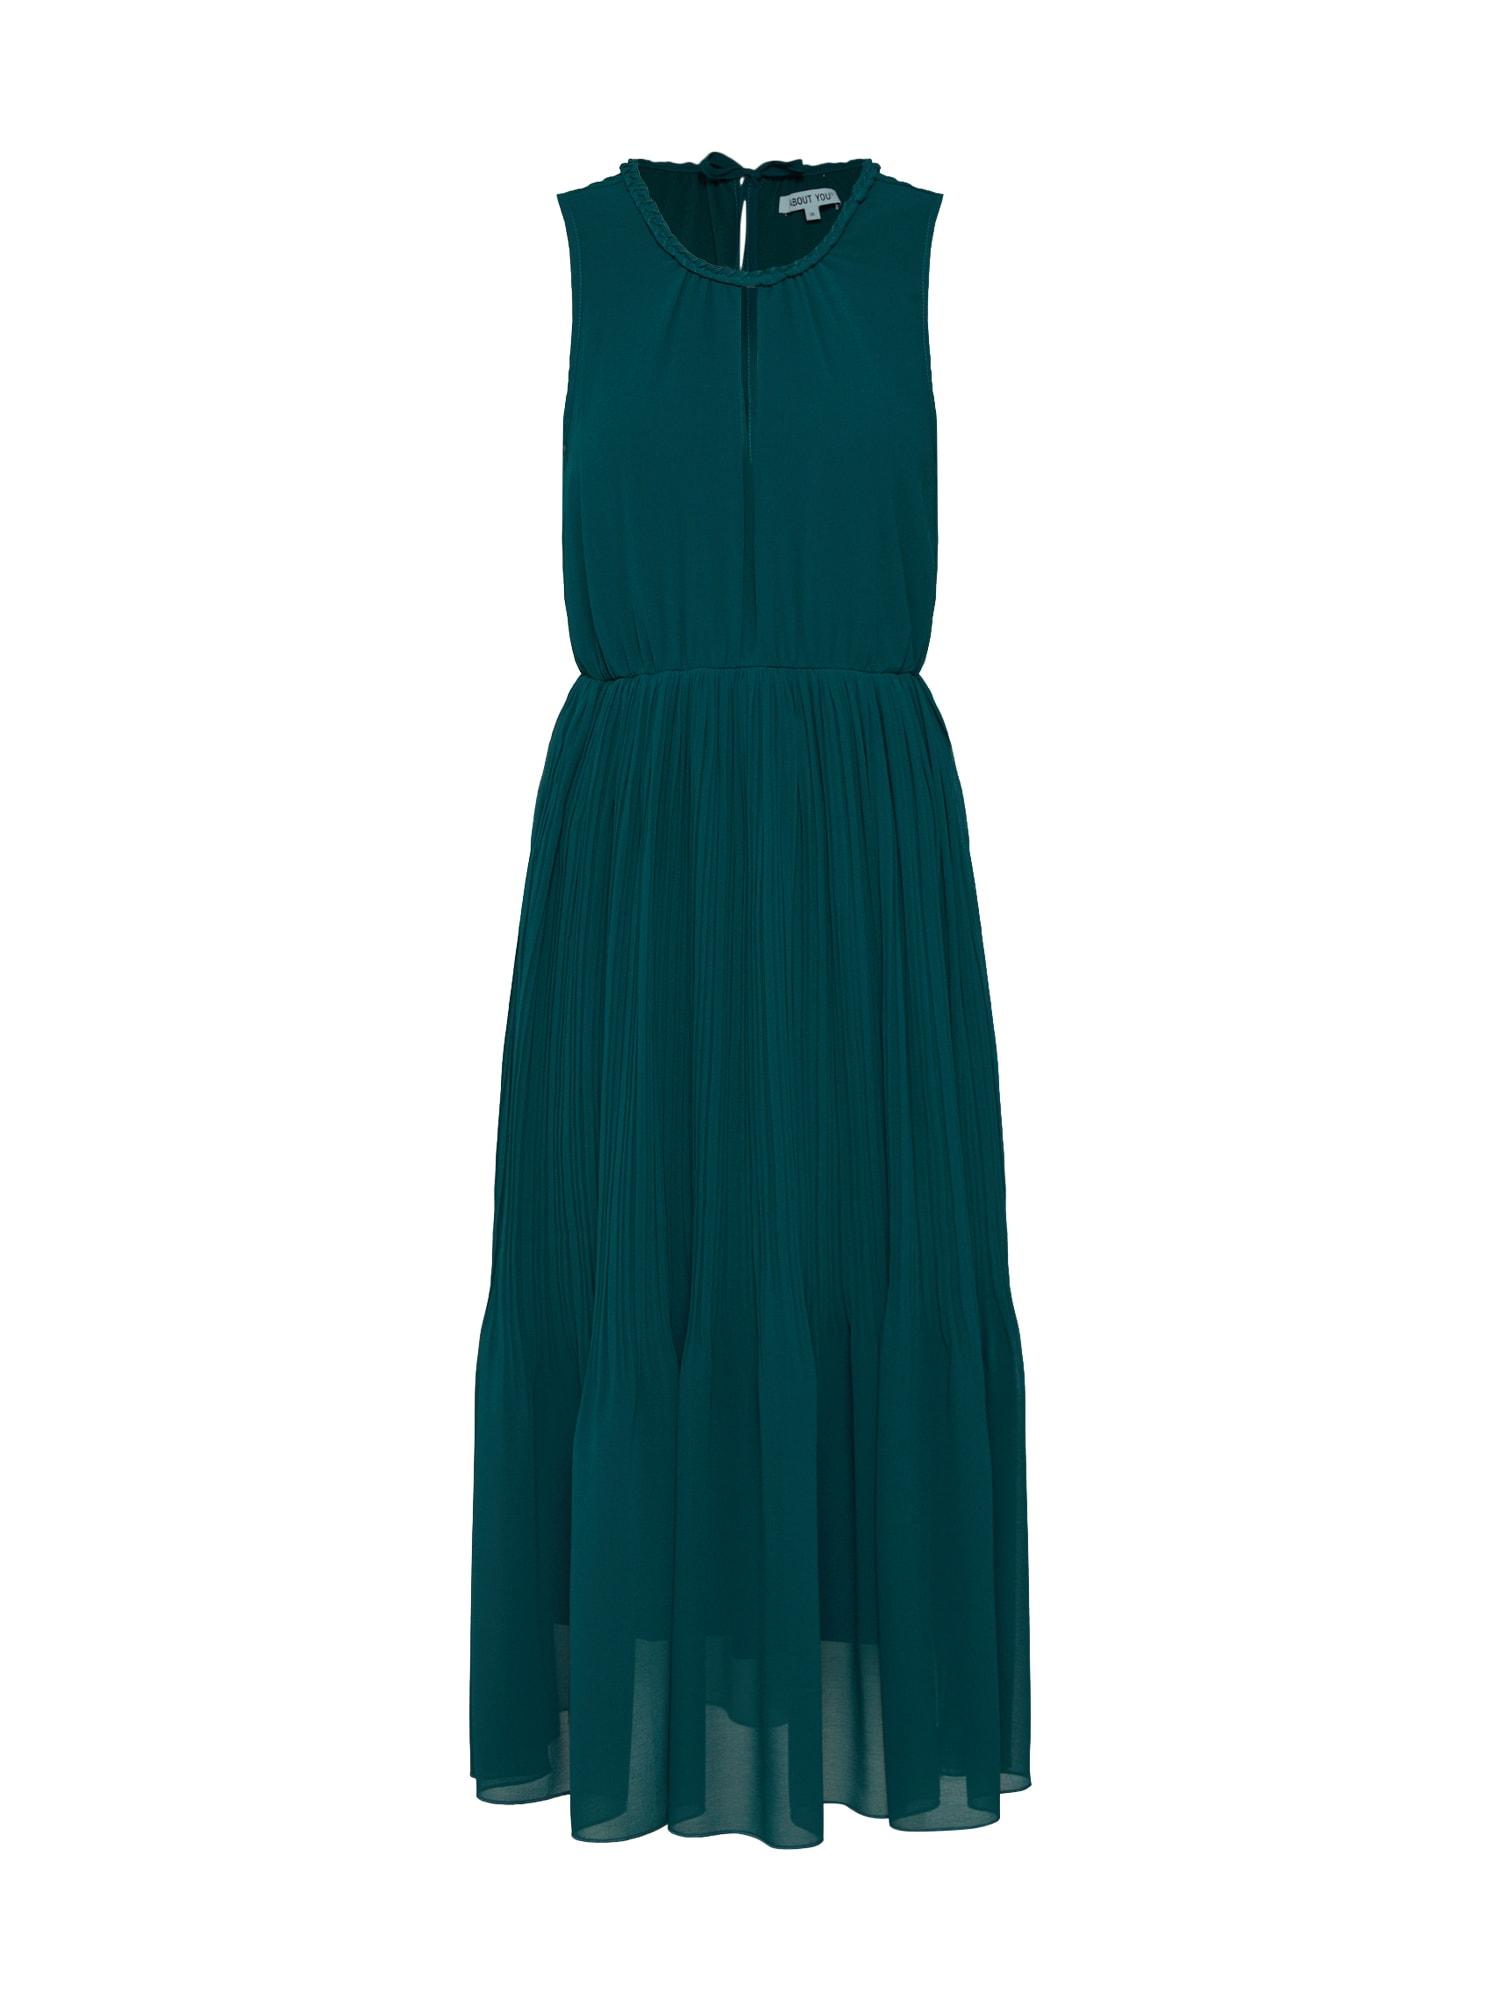 ABOUT YOU Suknelė 'Paola' tamsiai žalia